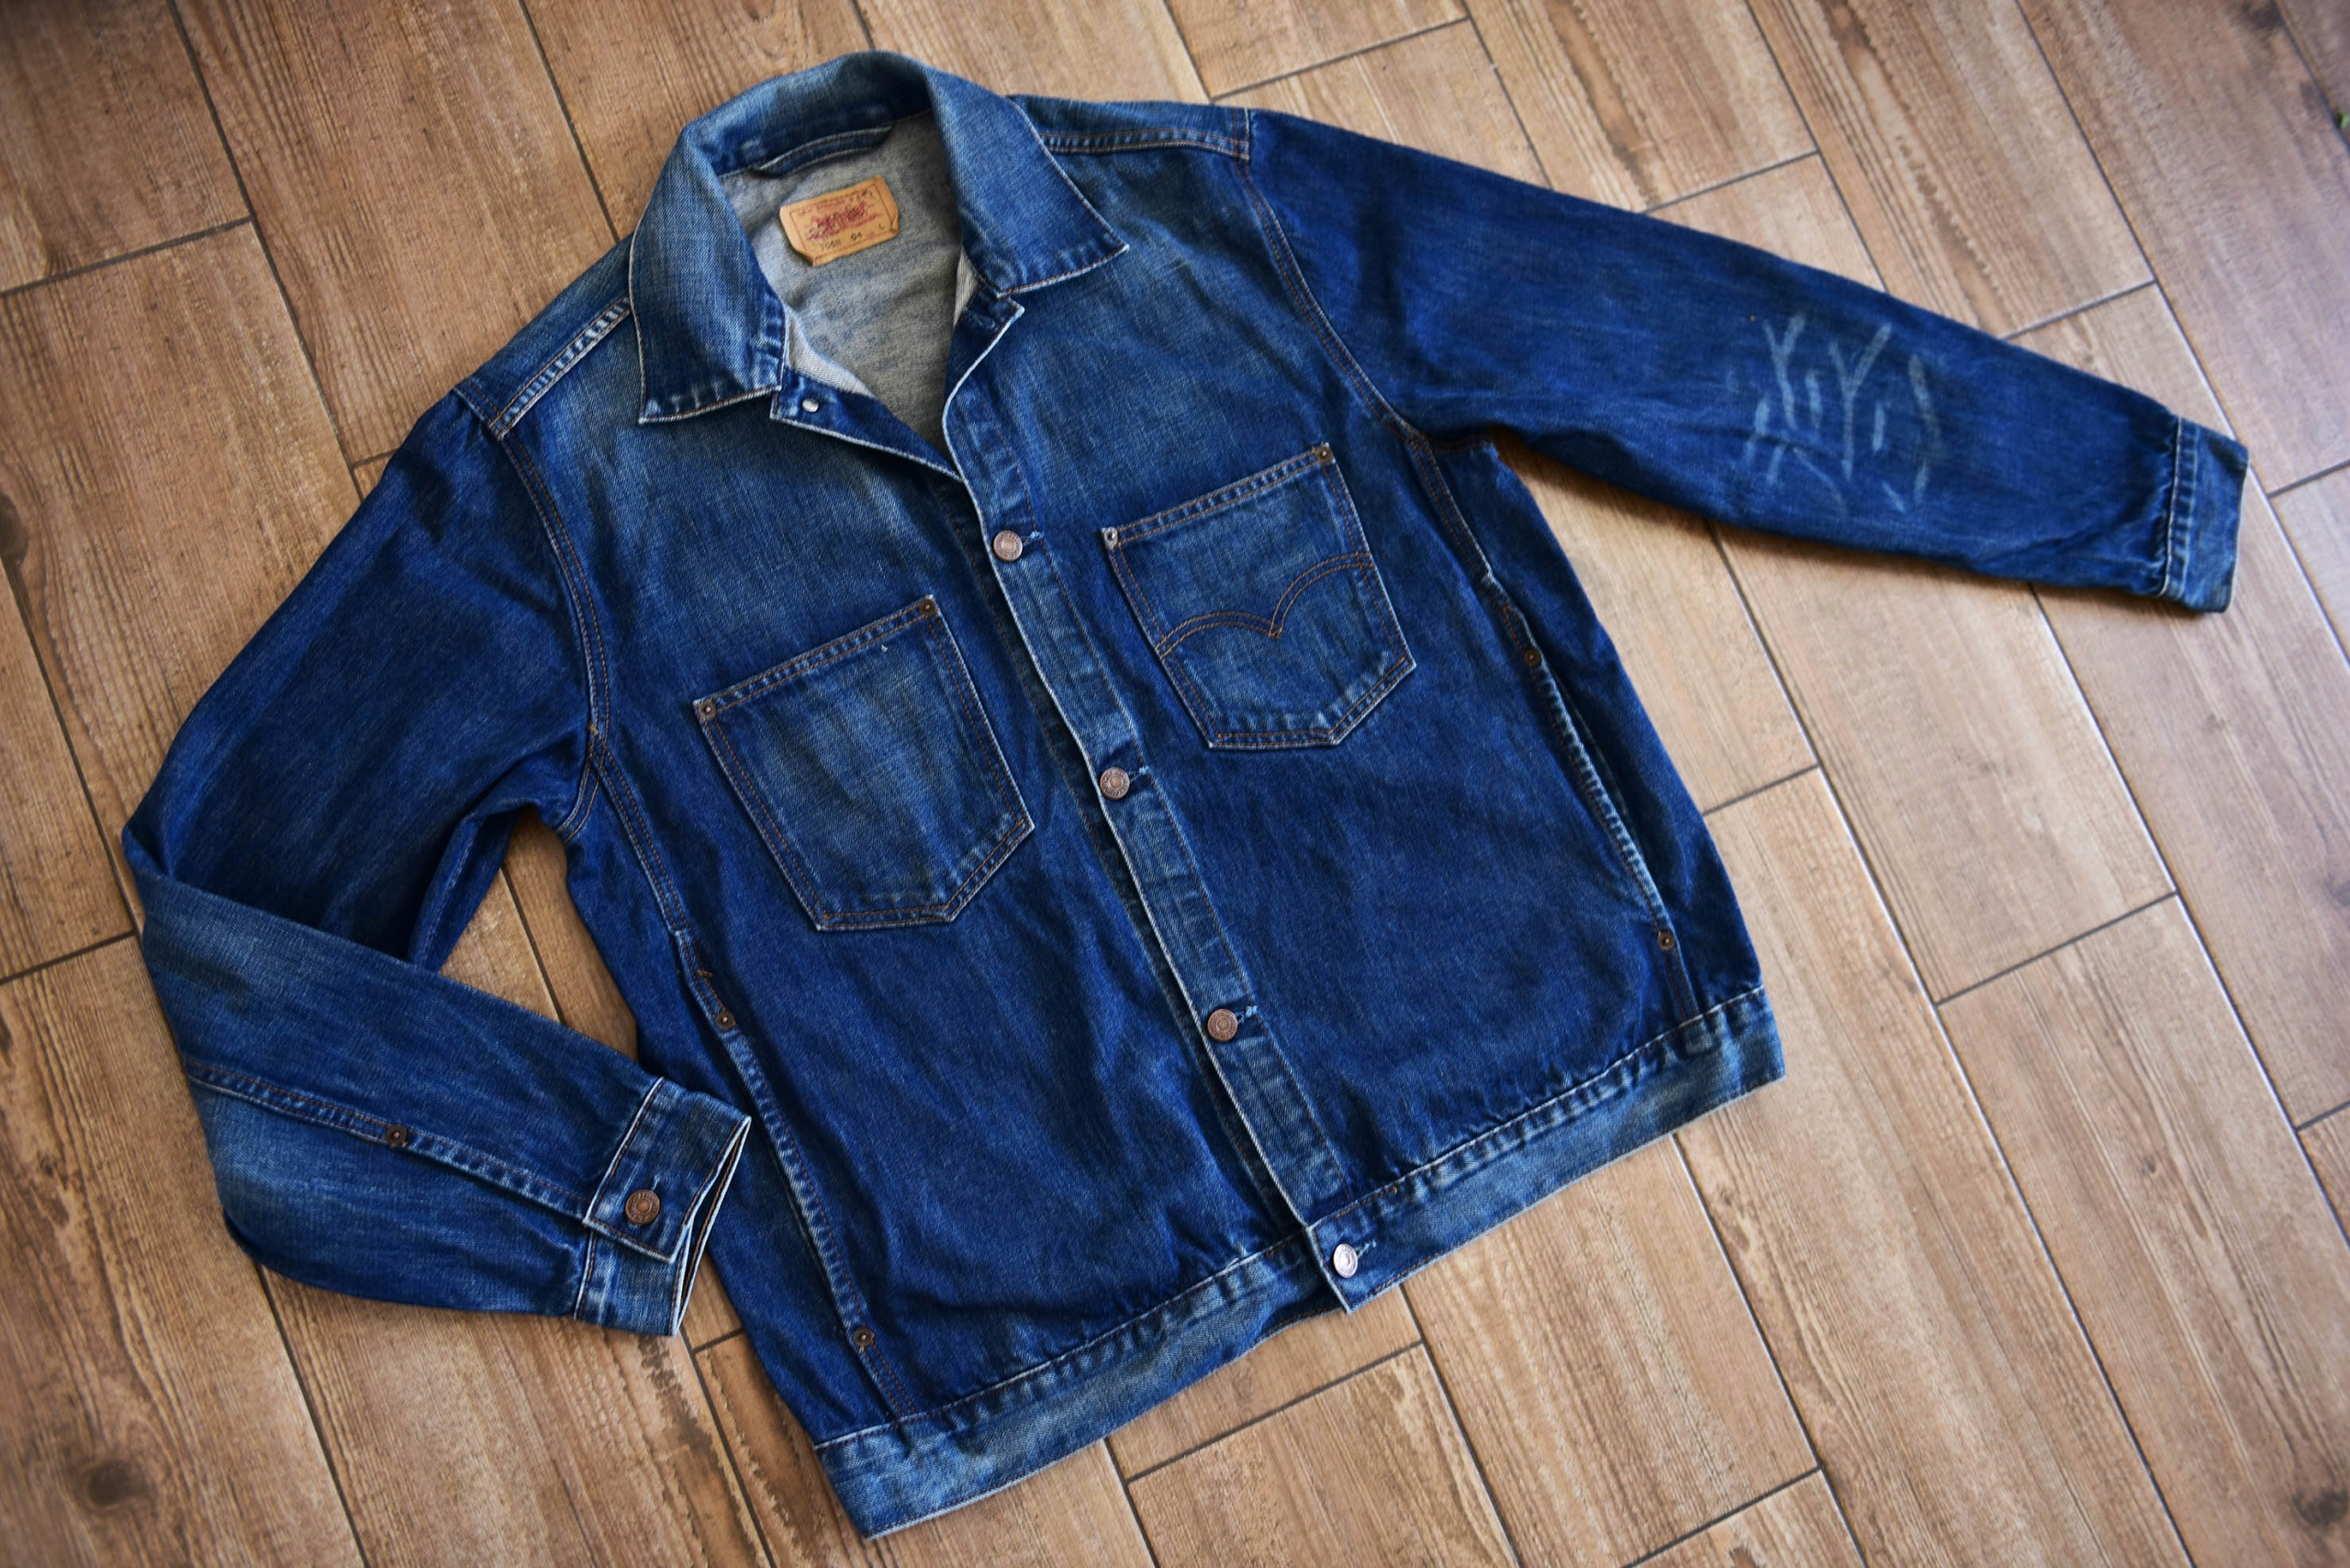 Levis _Vintage Denim Jacket Standard Fit 70511 R.L